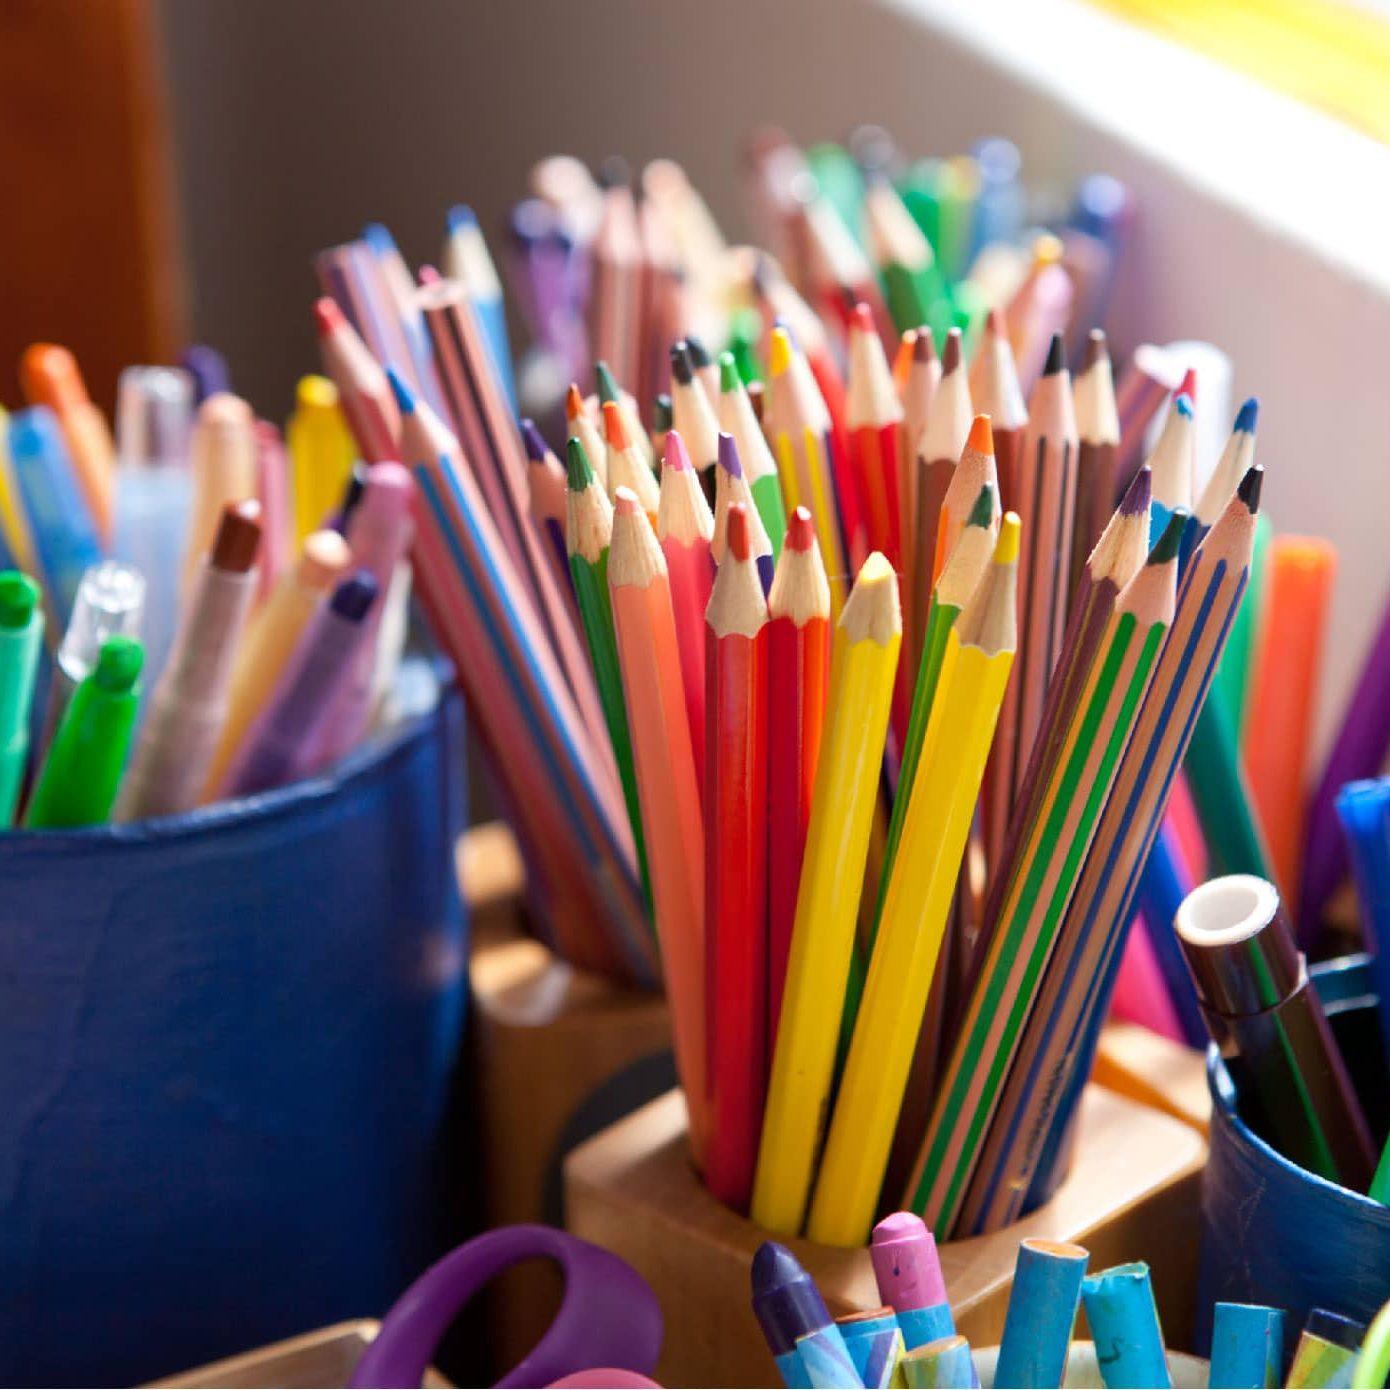 Pencils-c